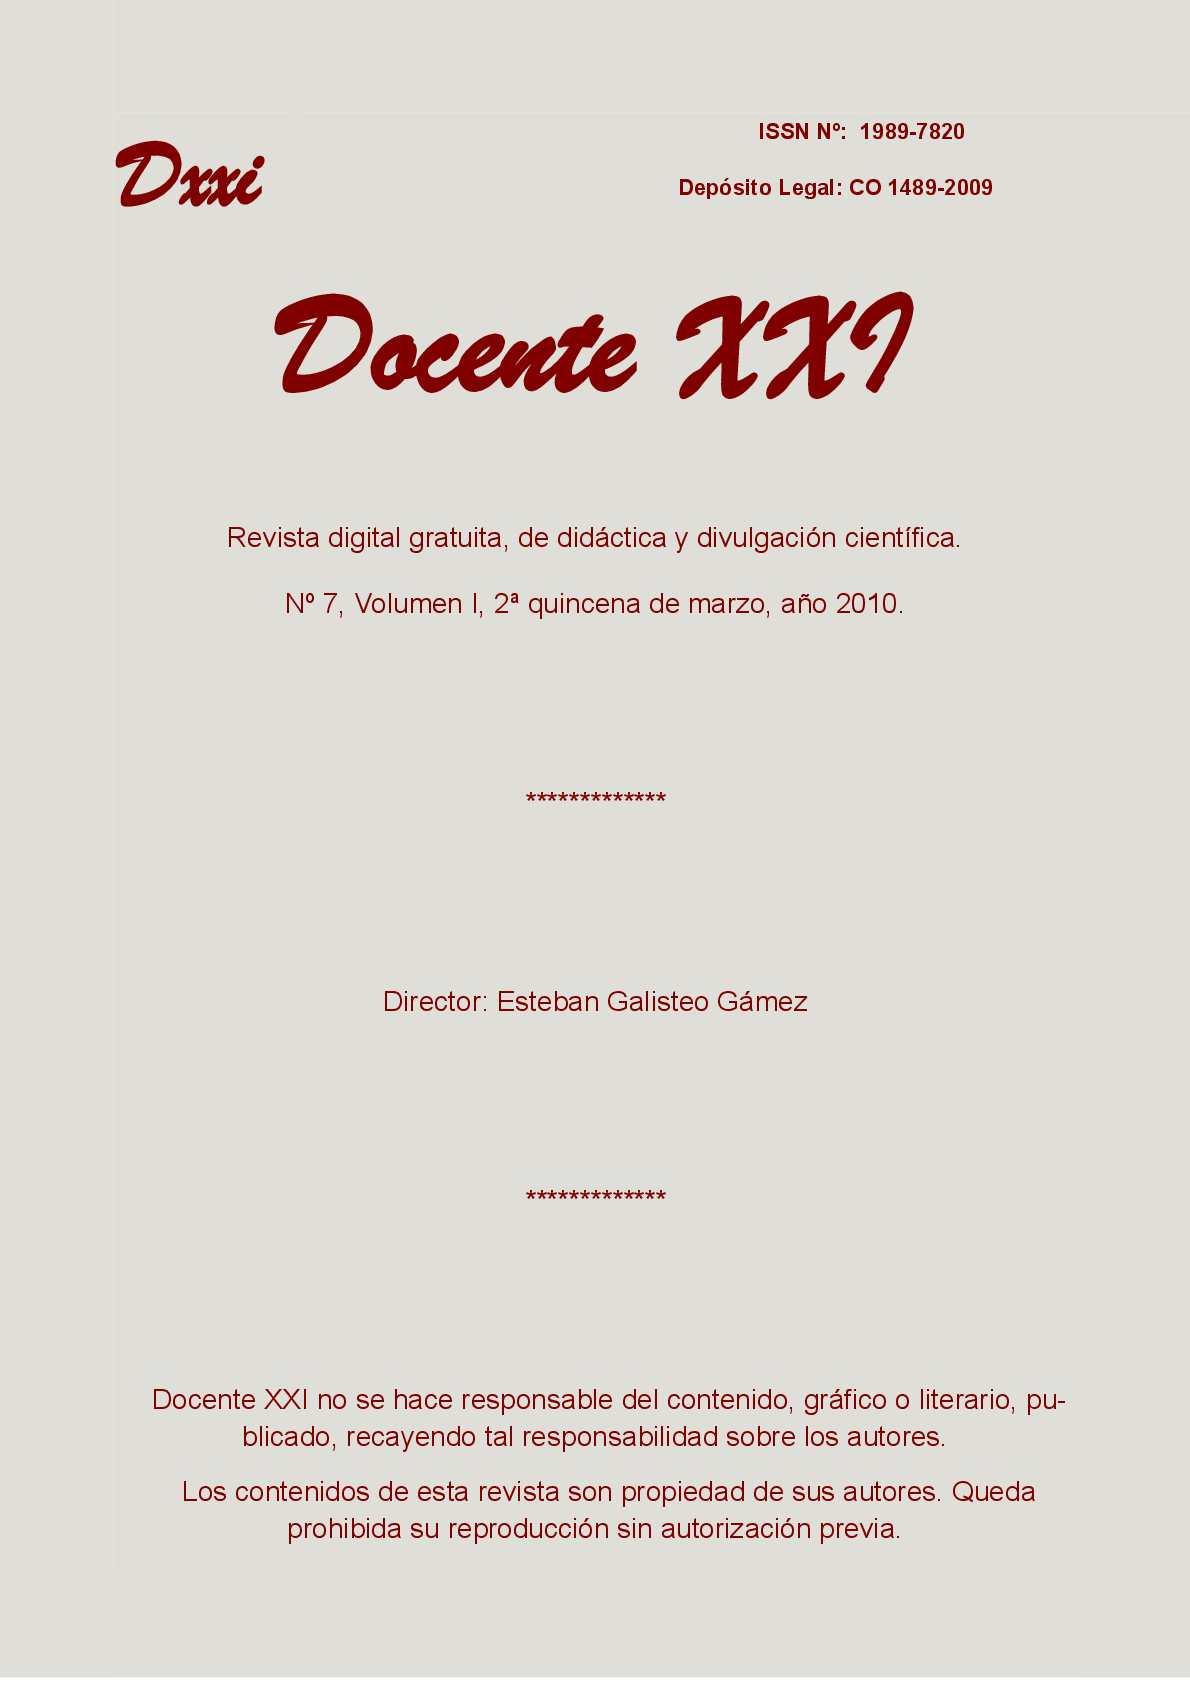 Calaméo - Docente XXI, Nº7, segunda quincena de marzo de 2010